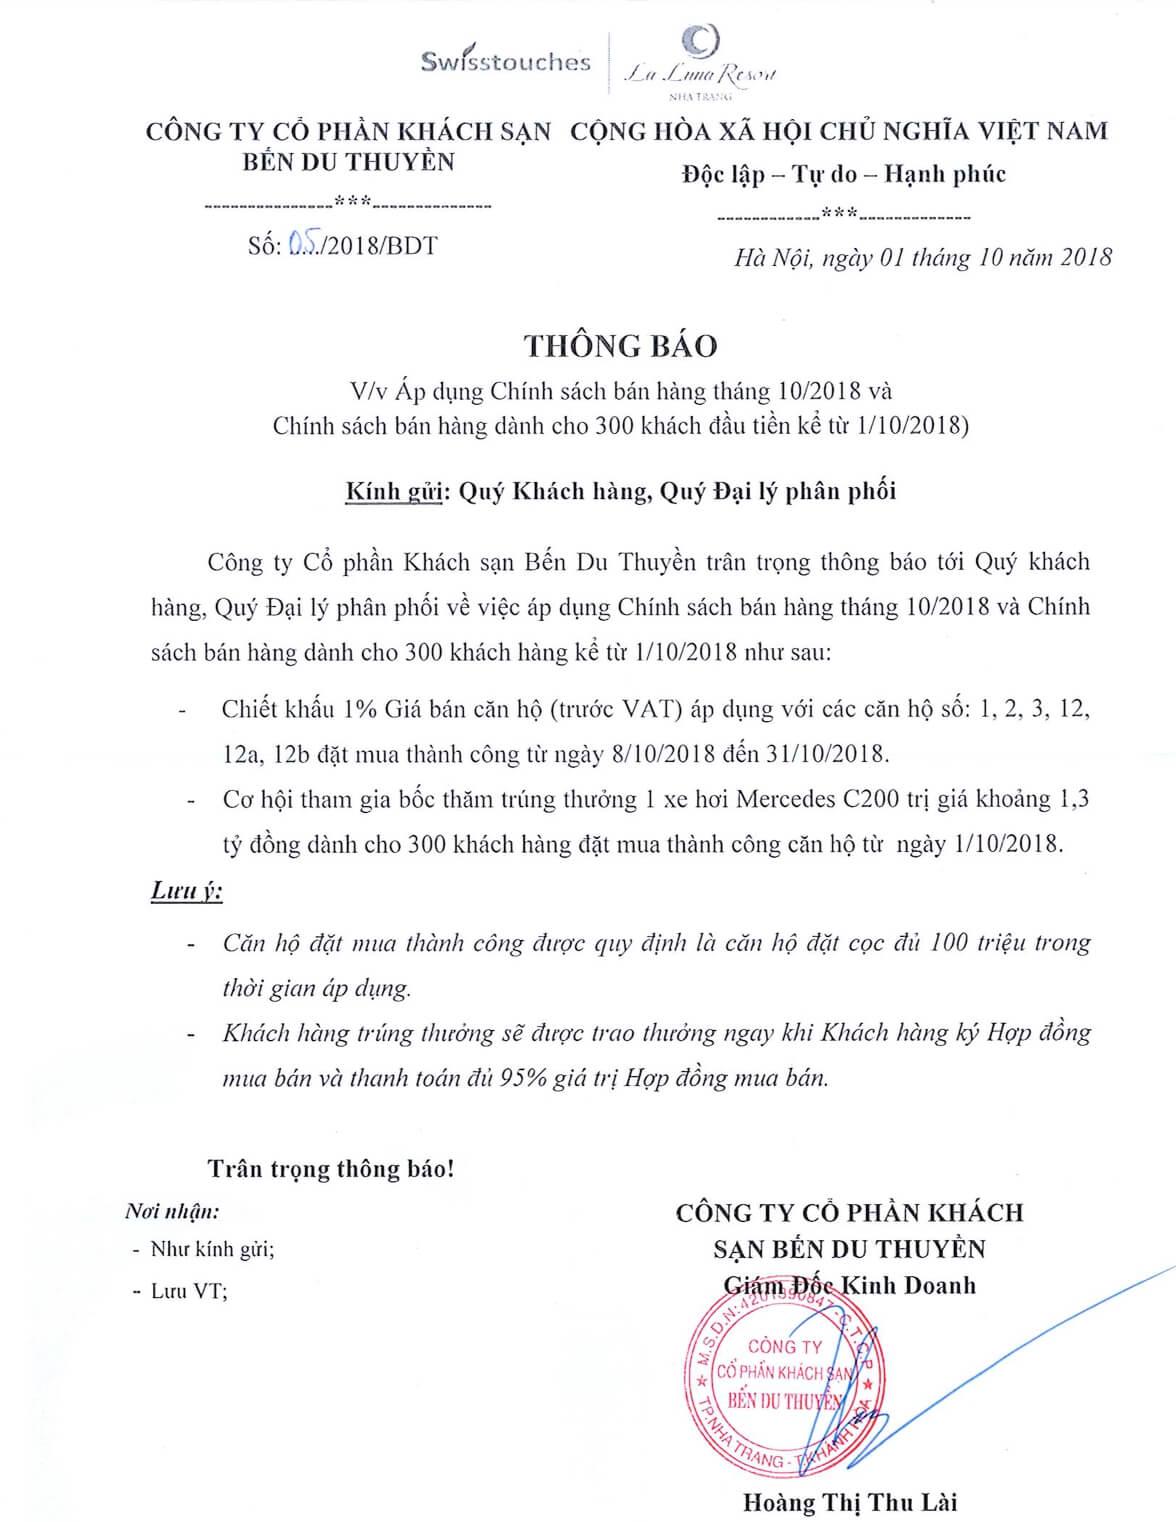 Cập nhật chính sách bán hàng La Luna Nha Trang tháng 10/2018